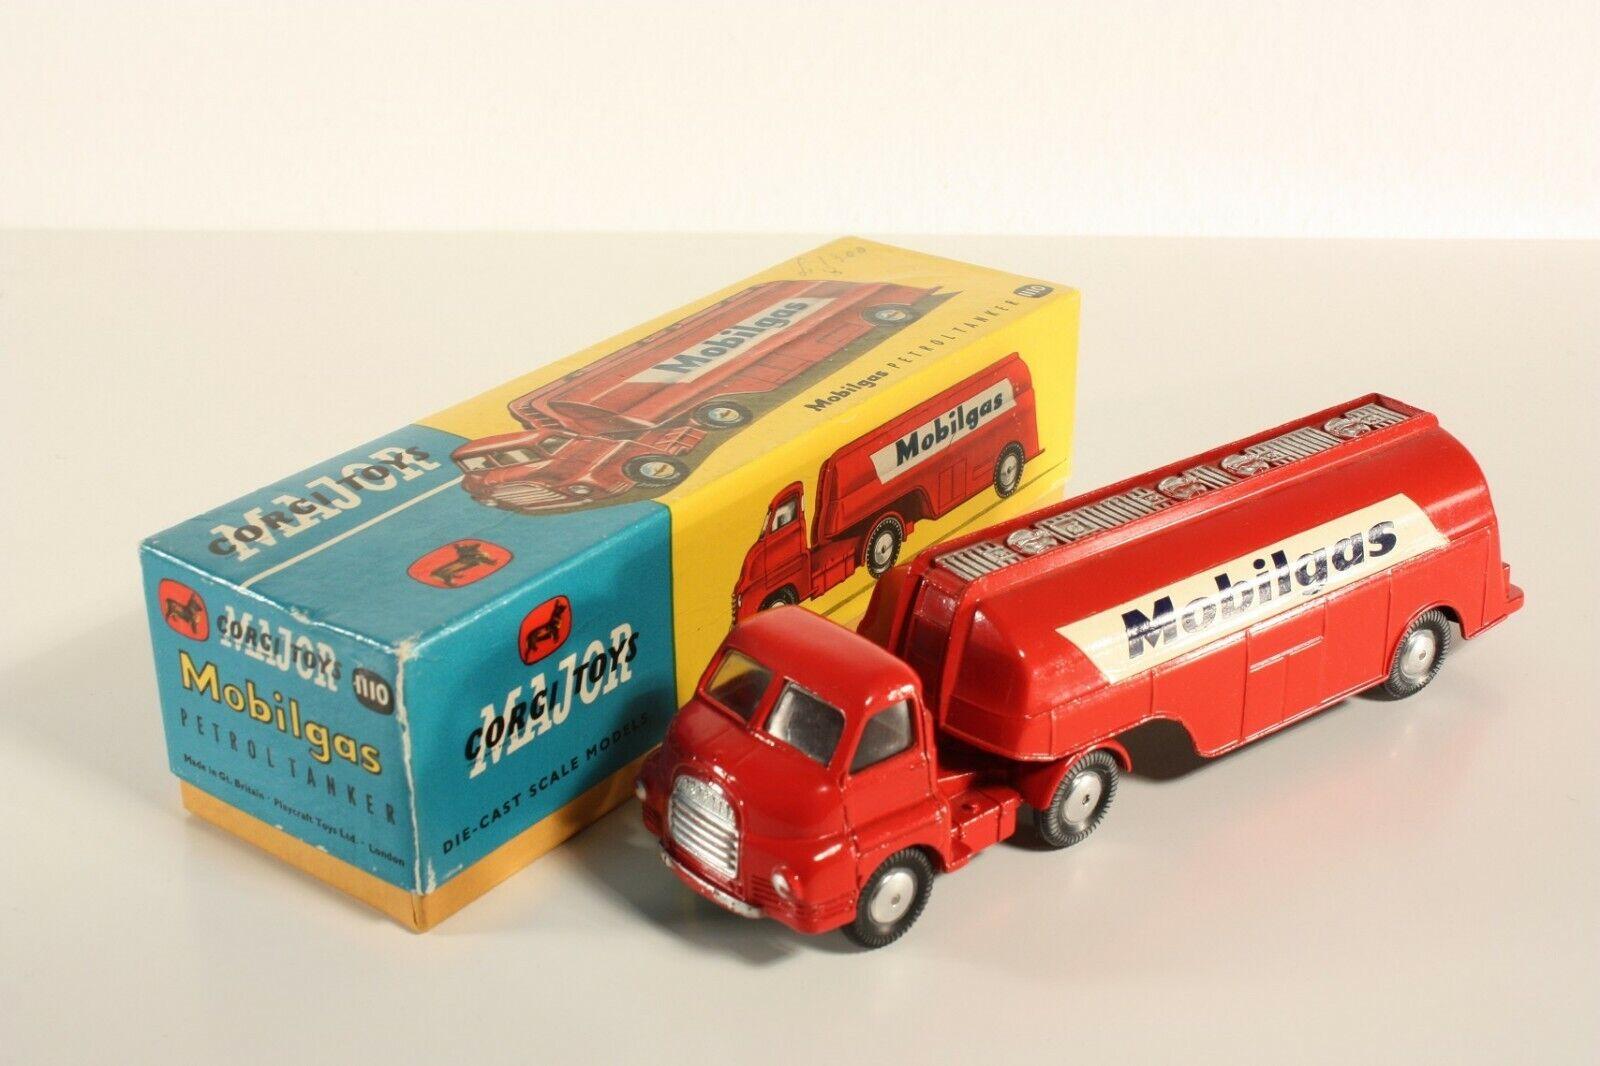 Corgi toys 1110, Mobilgas petrol petrolero, Mint en Box  ab2201